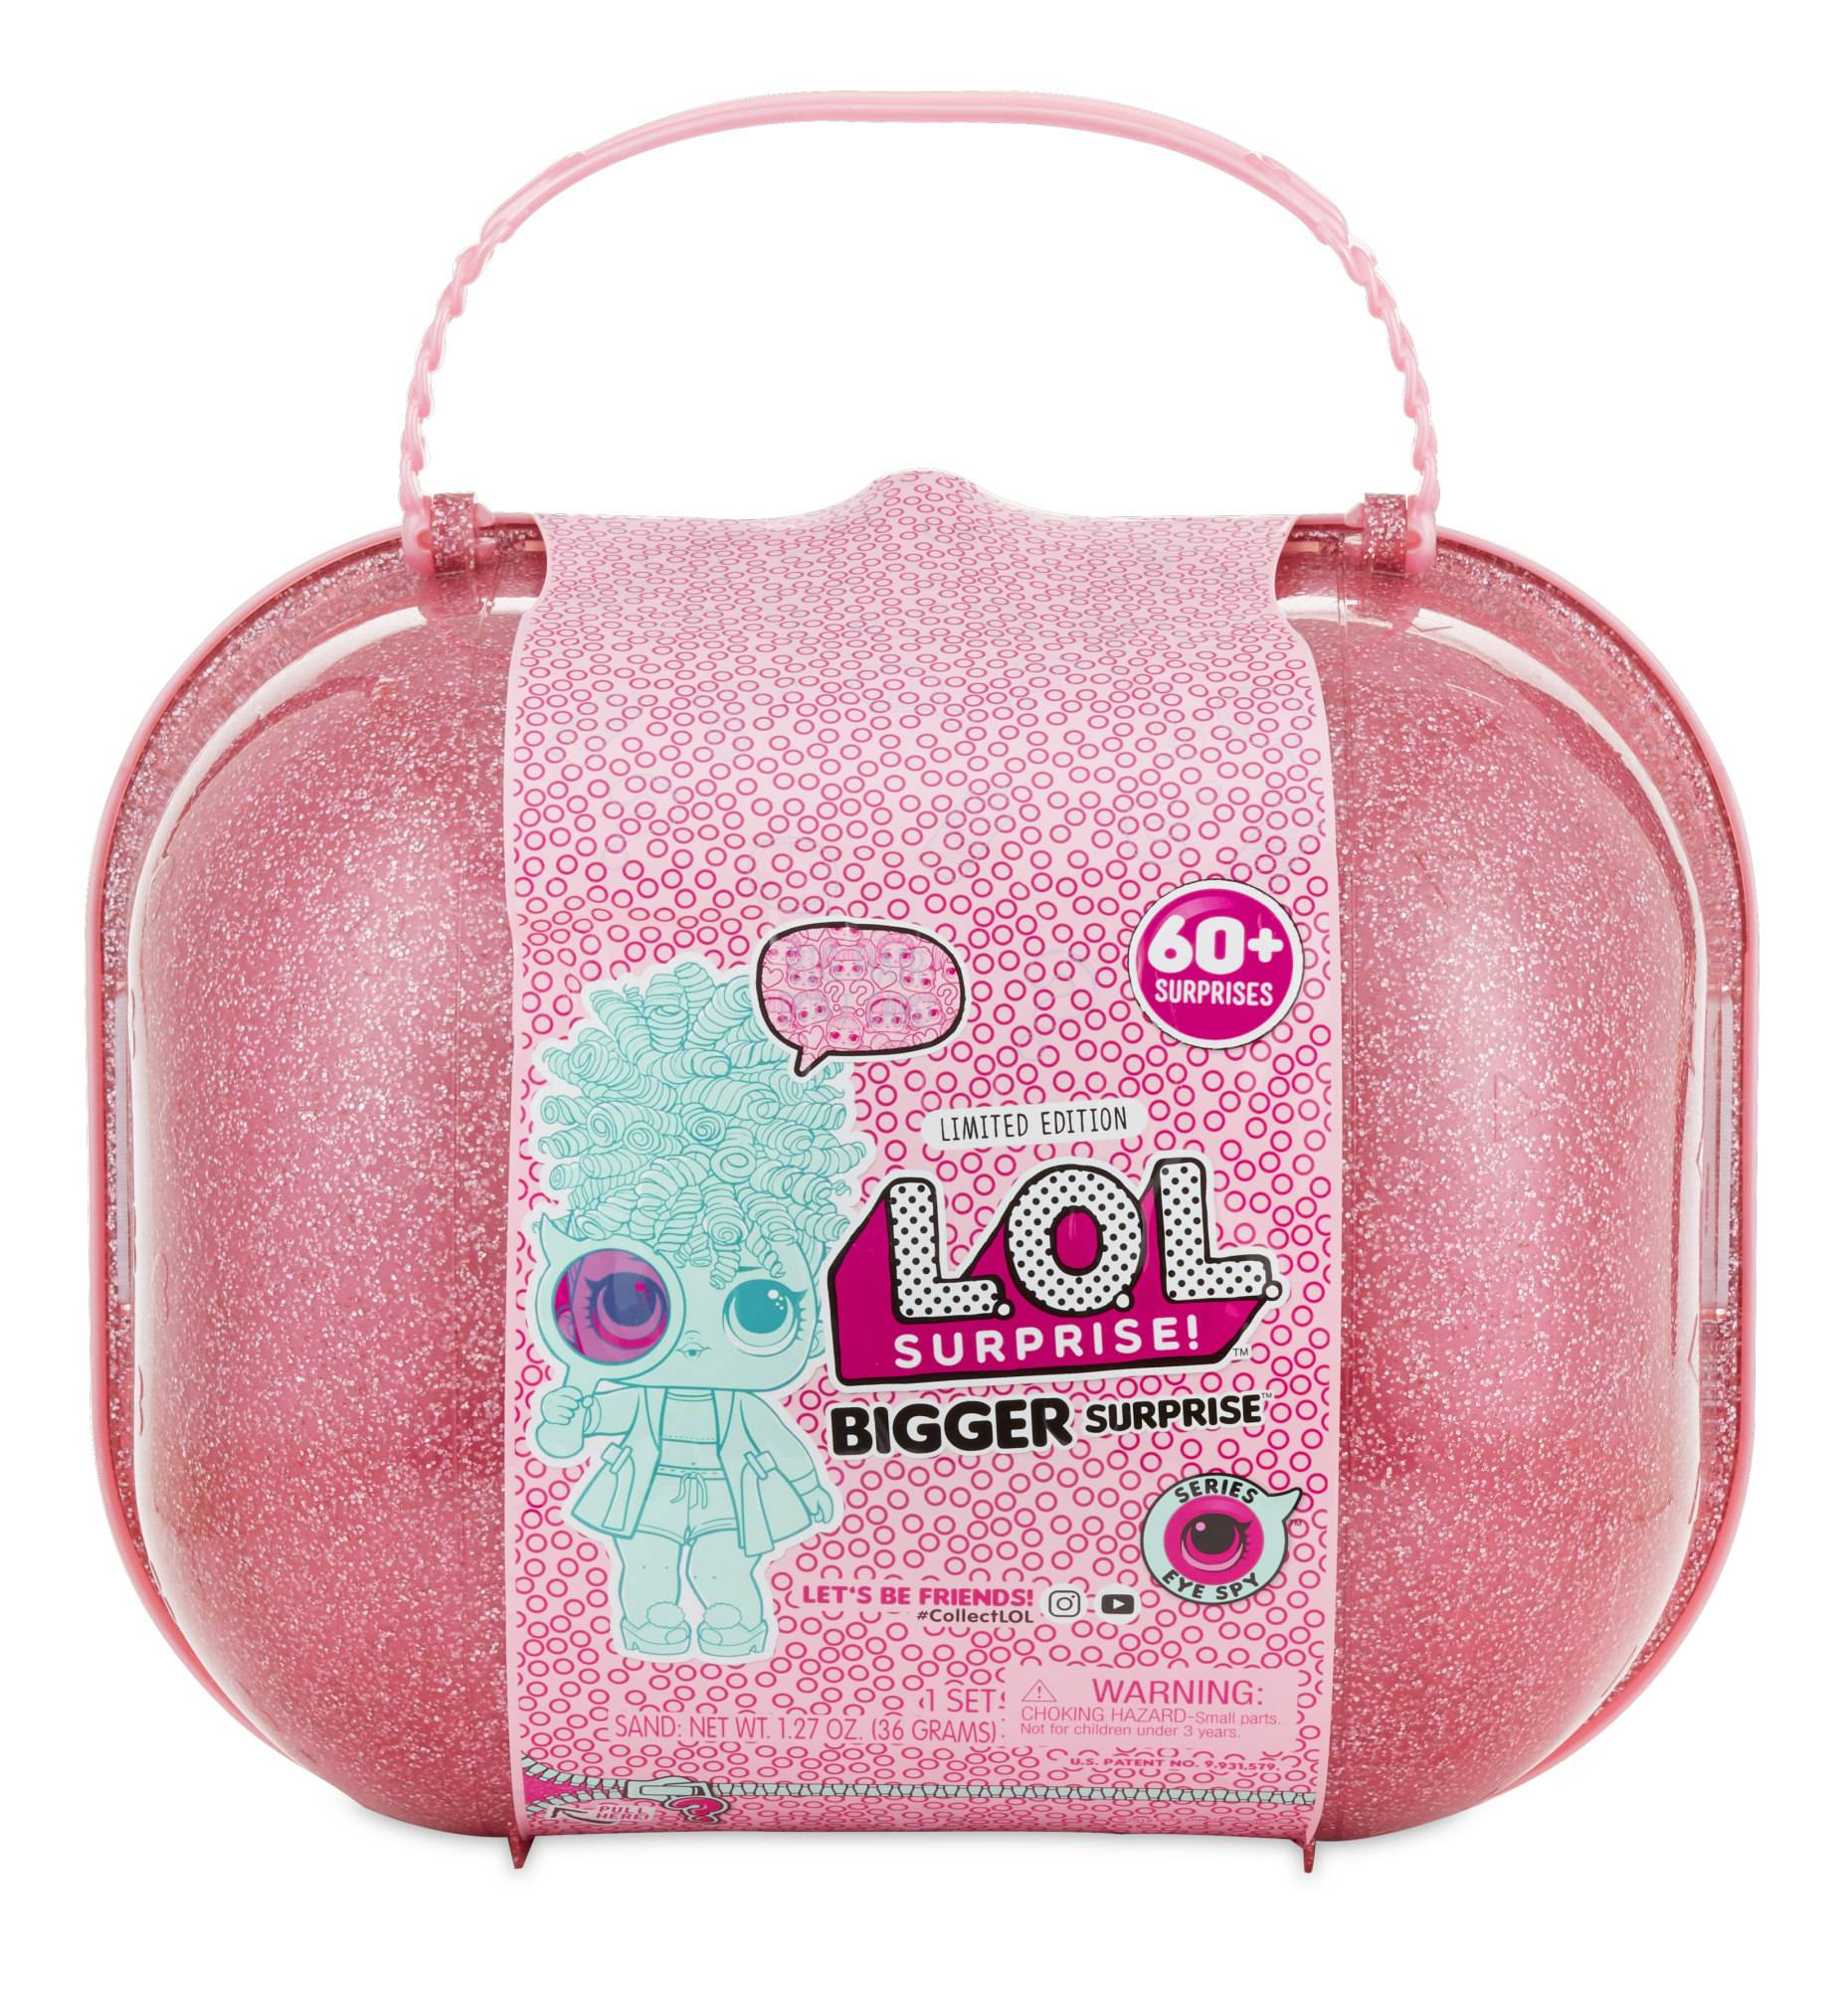 L.O.L. Bigger Surprise yllätyspallo